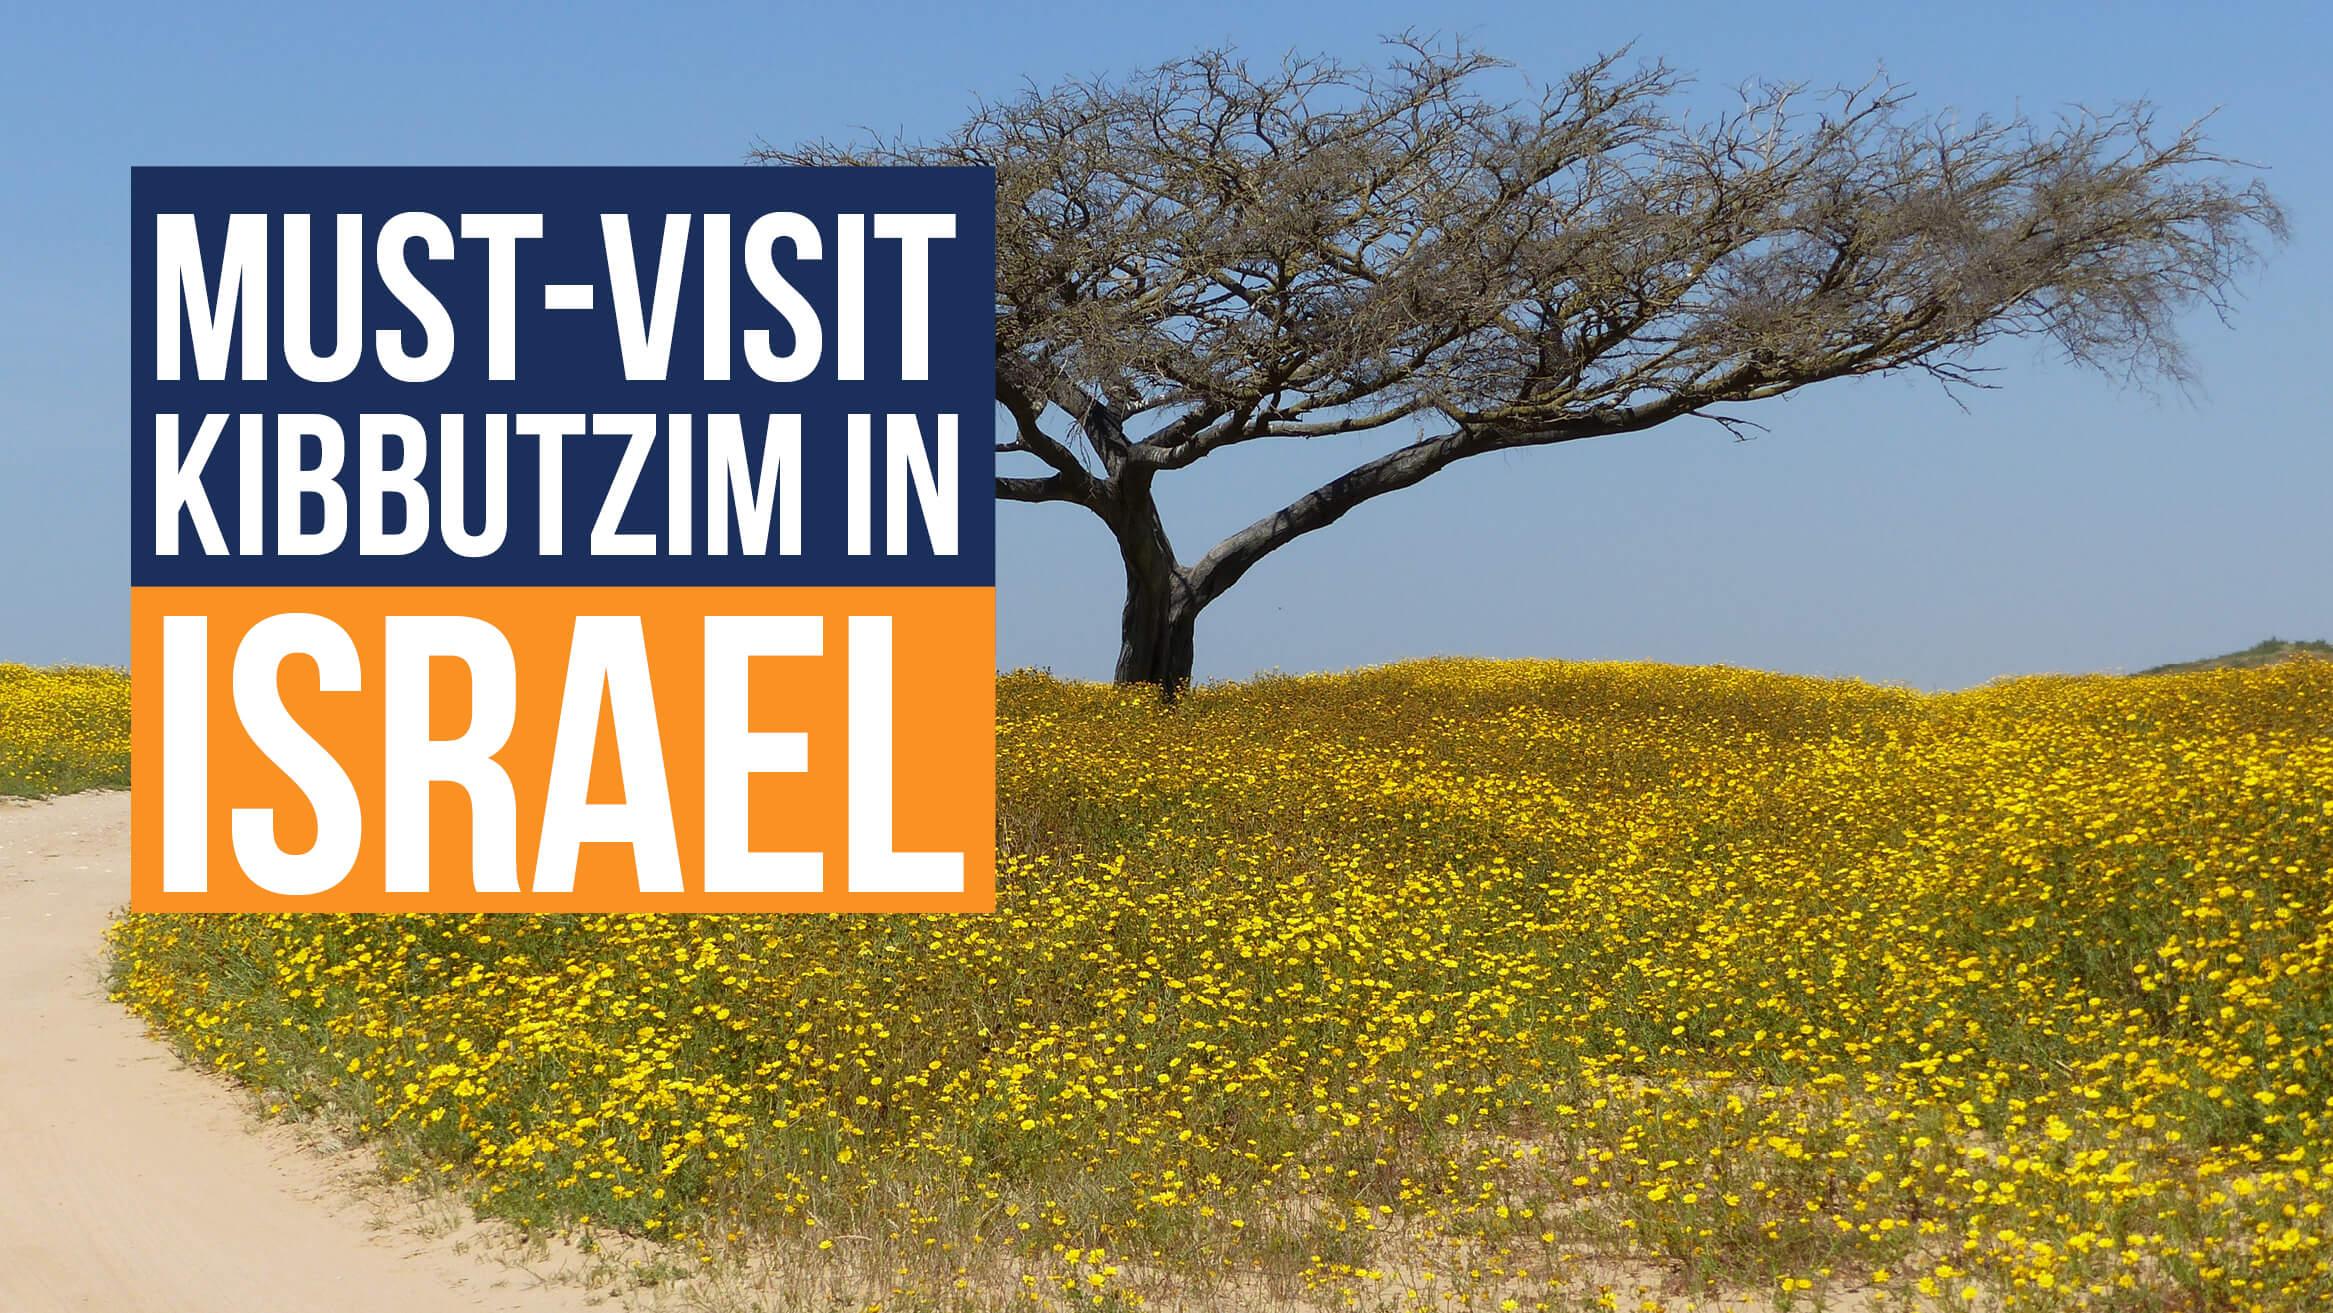 Must-Visit Kibbutzim in Israel header